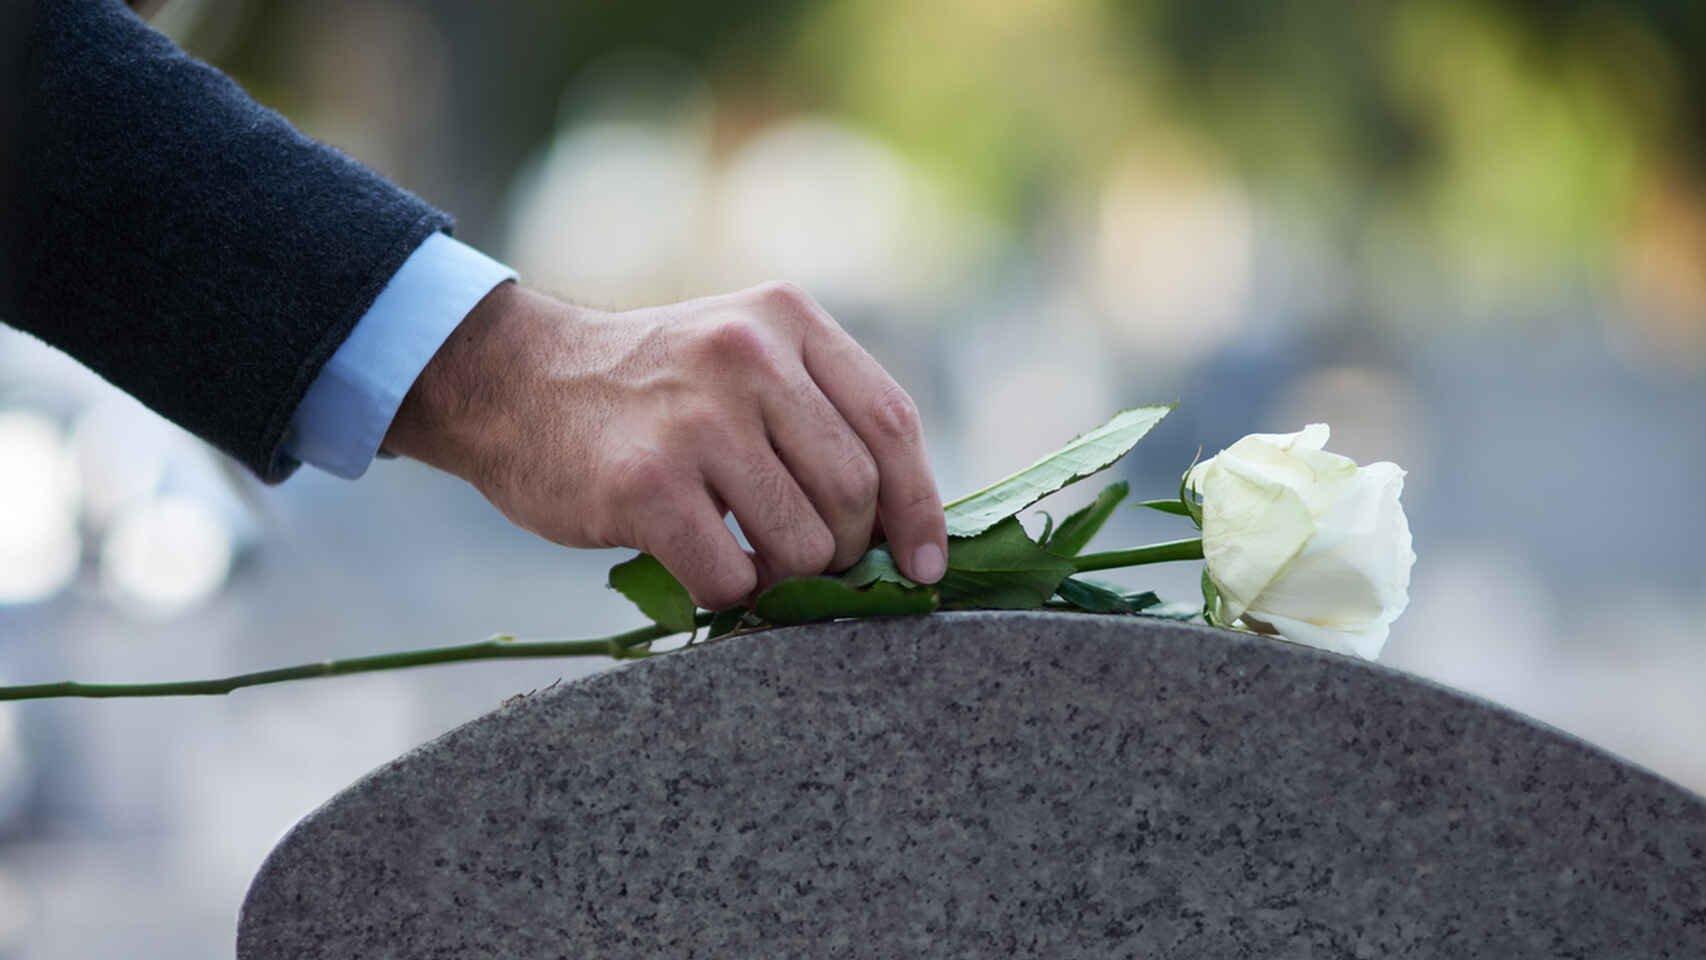 14 años yendo a funerales para gorronear comida en los velatorios